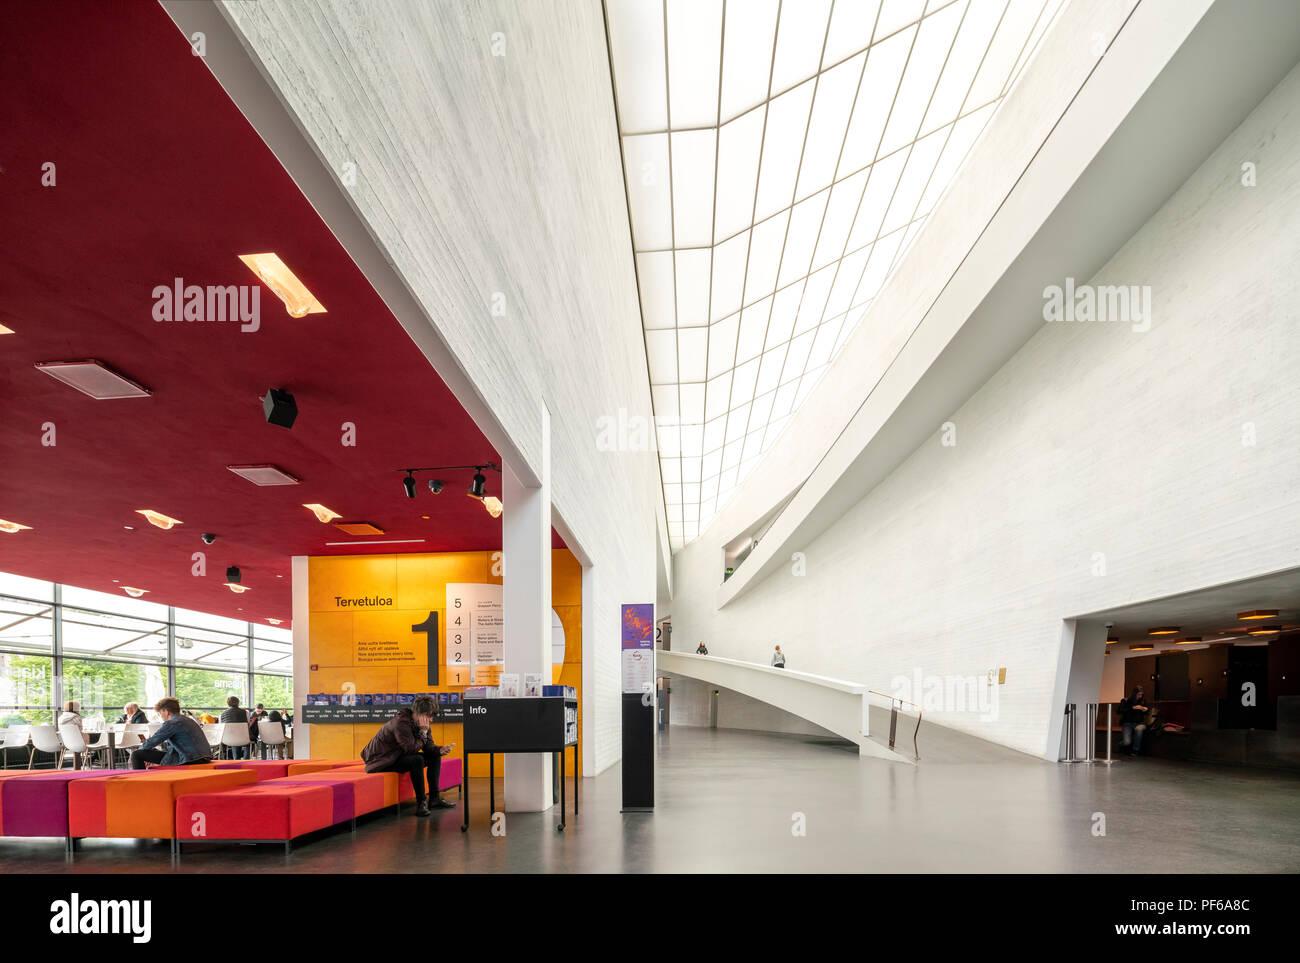 Helsinki Kiasma Museum für zeitgenössische Kunst Innenraum mit Eingang zur Galerie und Kiasma Cafe auf der linken Seite. Stockbild